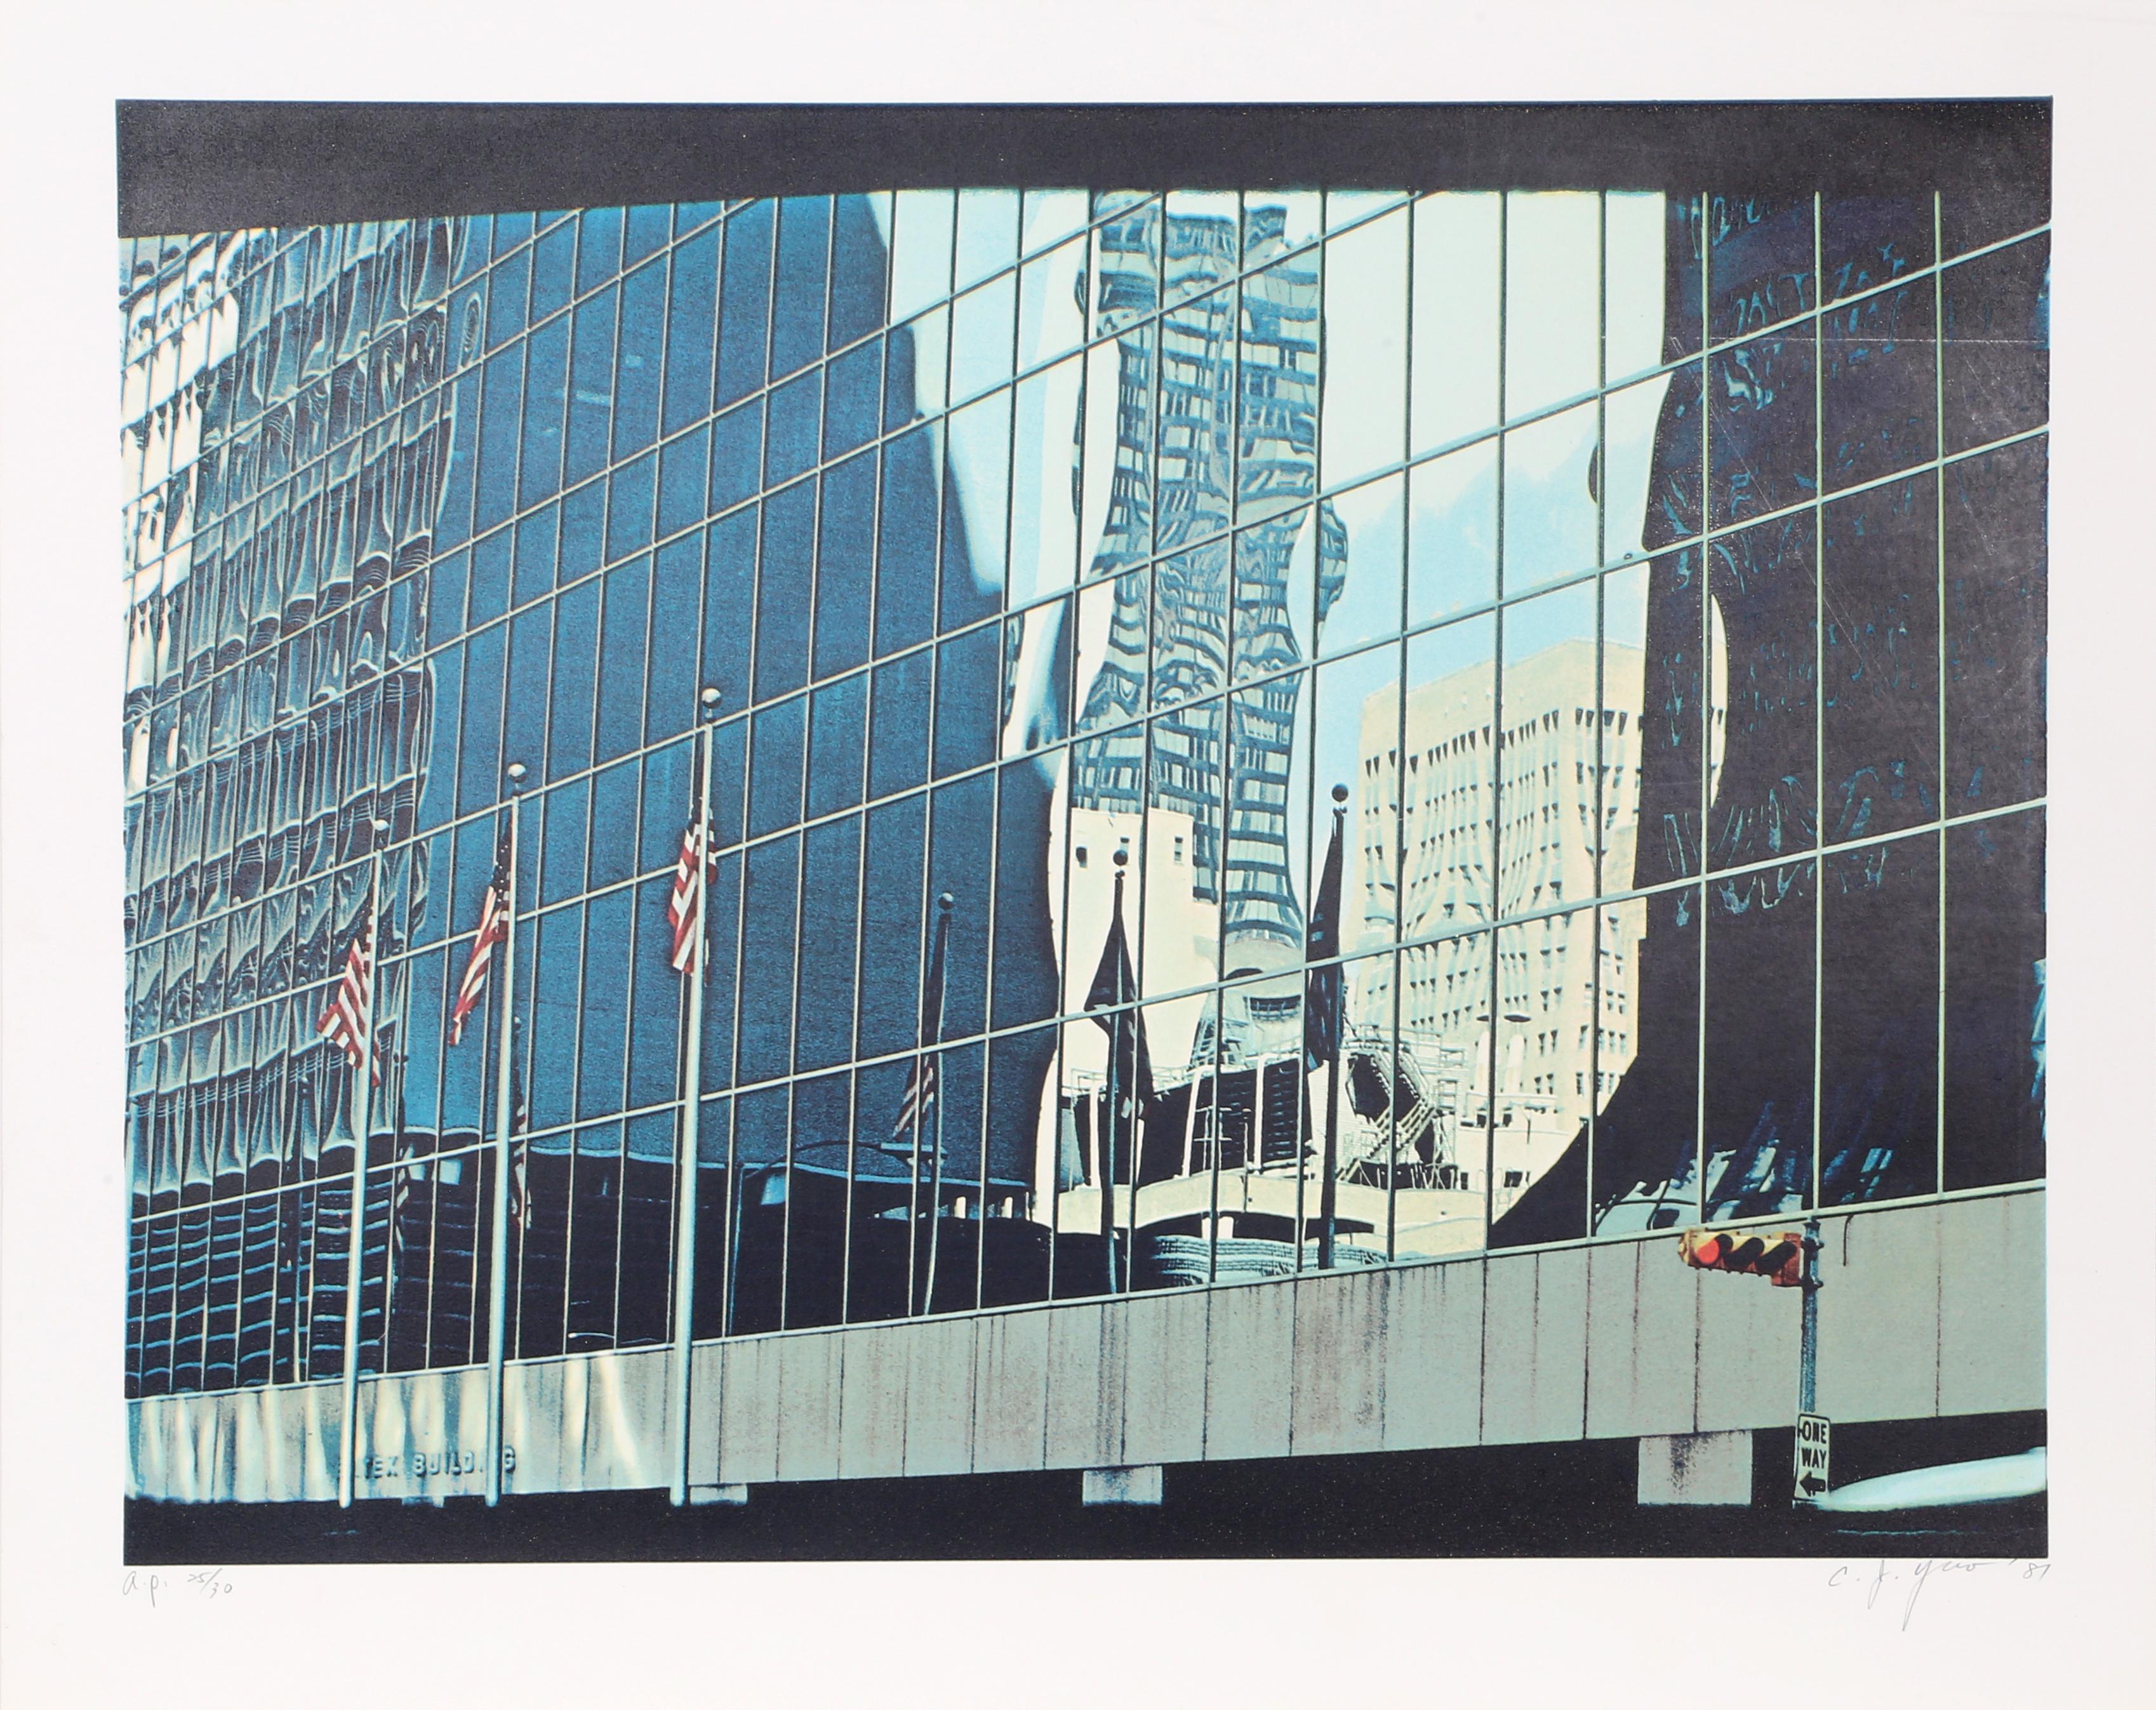 Entex Building